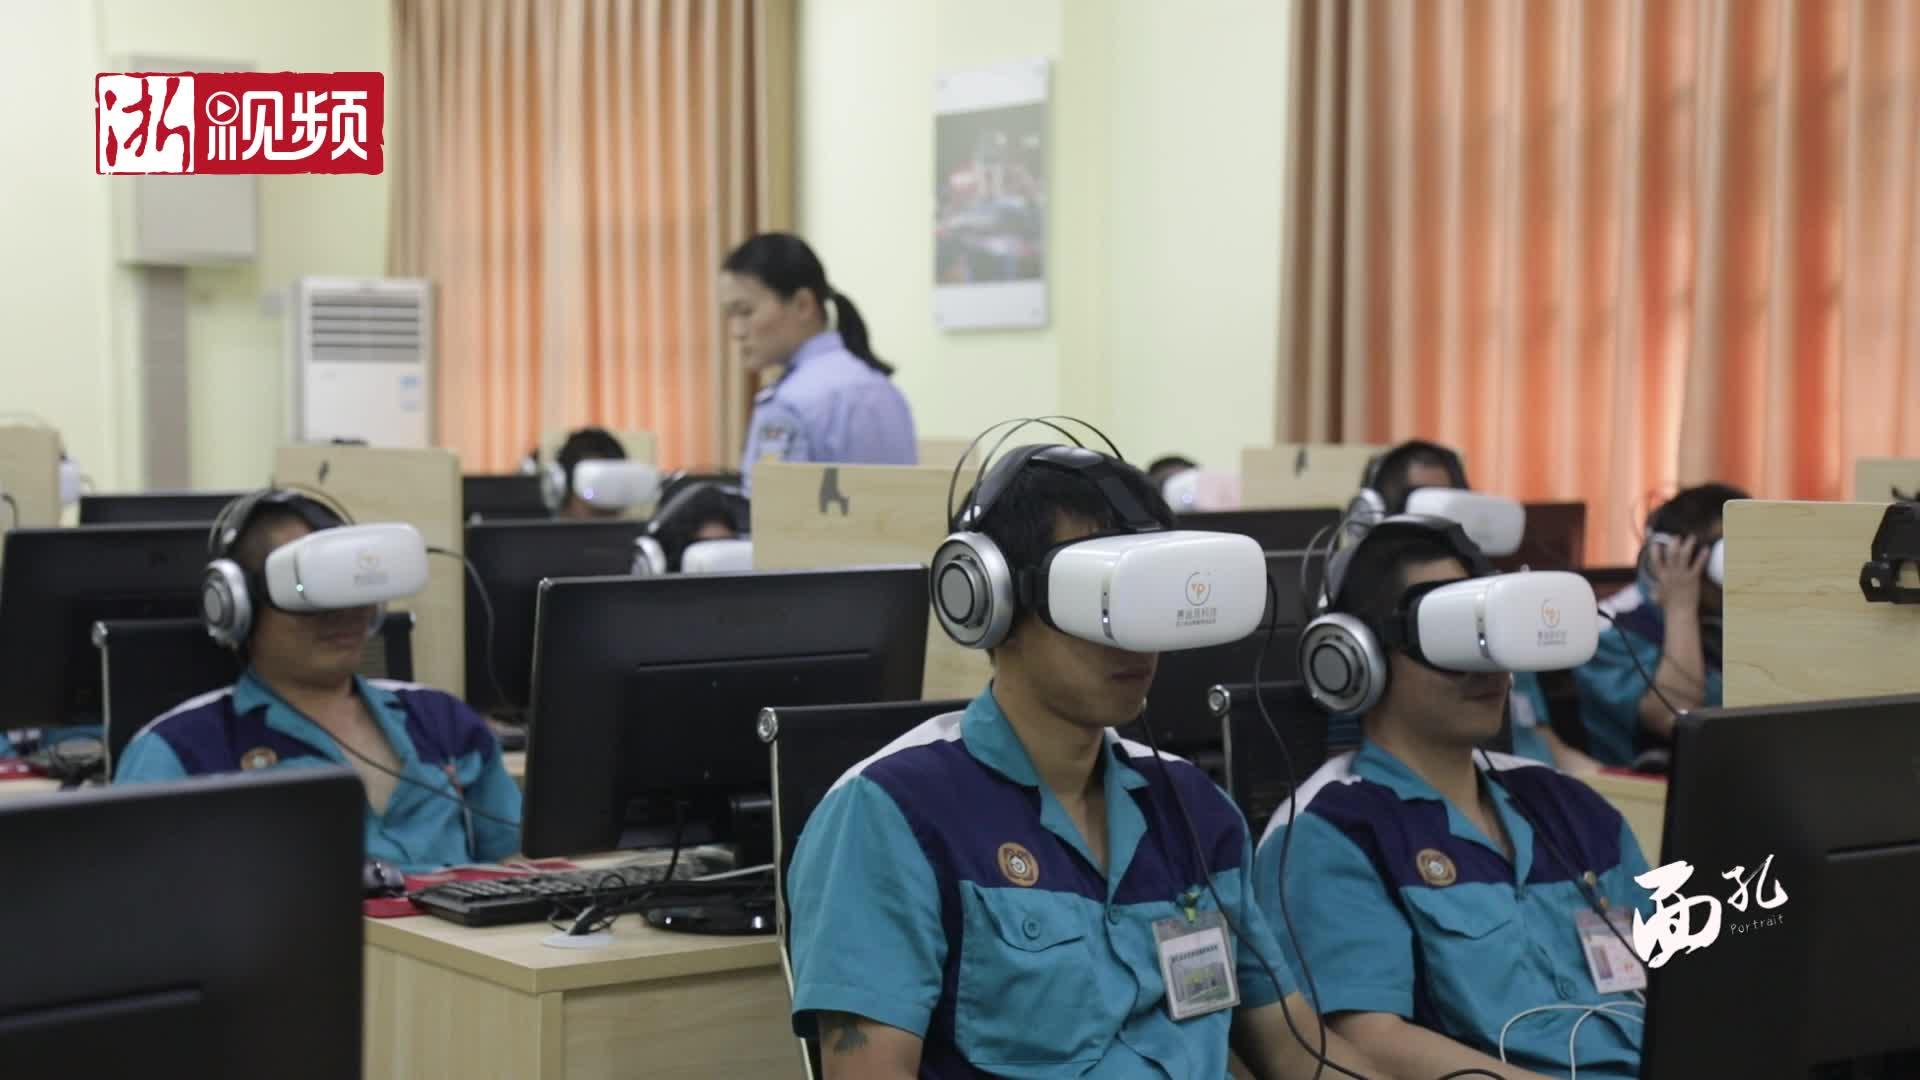 杭州戒毒所用上VR高科技